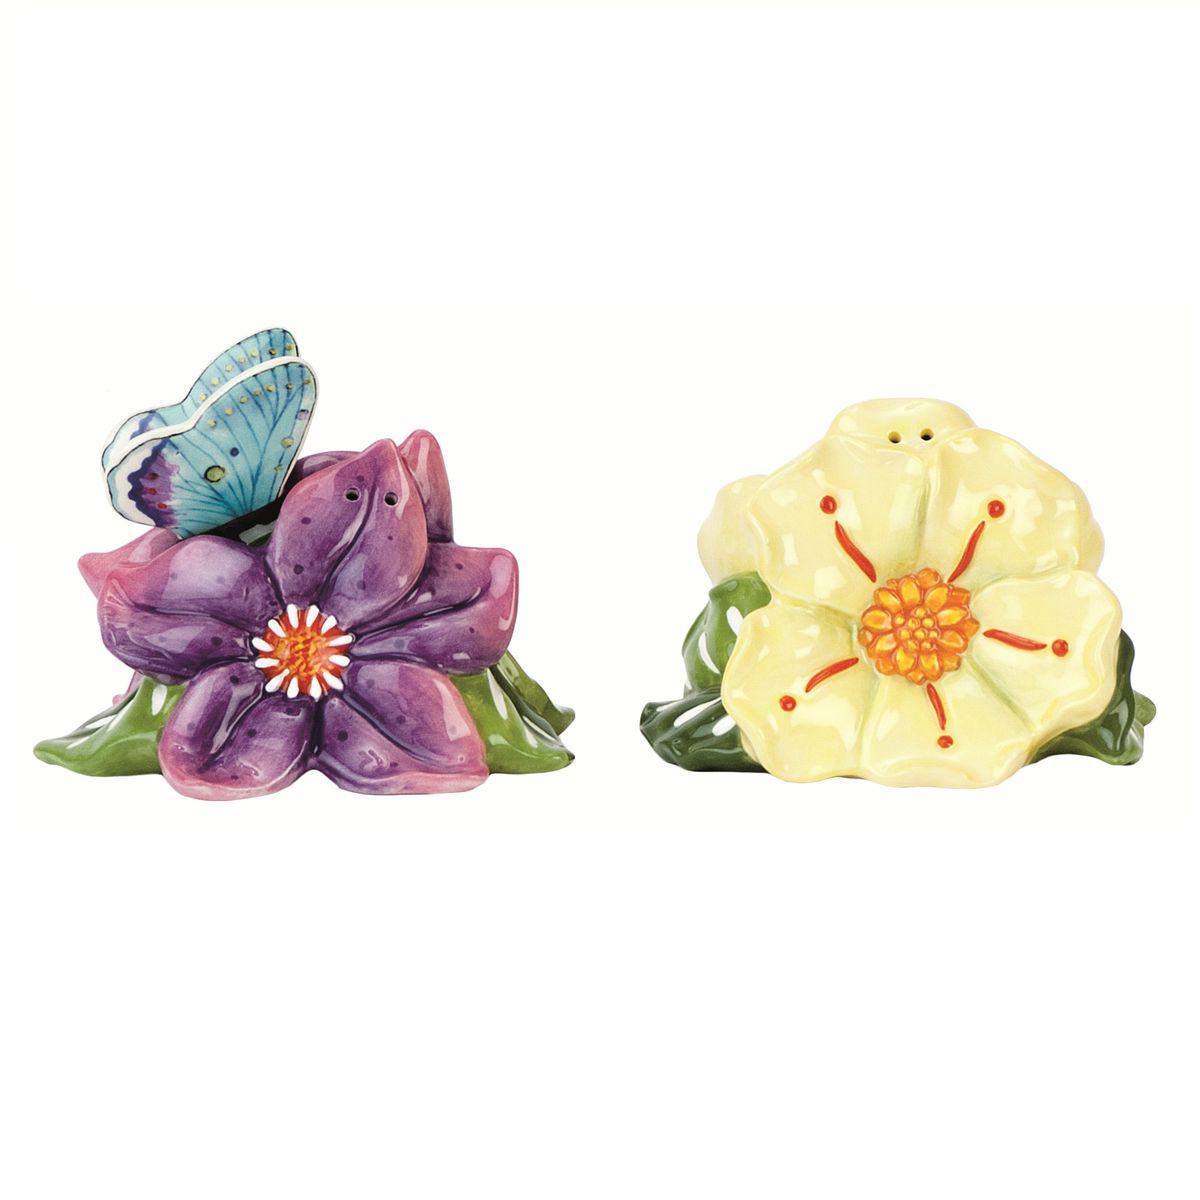 Набор для специй Fitz and Floyd Летний домик. Цветы, 2 предмета29-538Рекомендуется бережная ручная мойка с использованием безабразивных моющих средств.